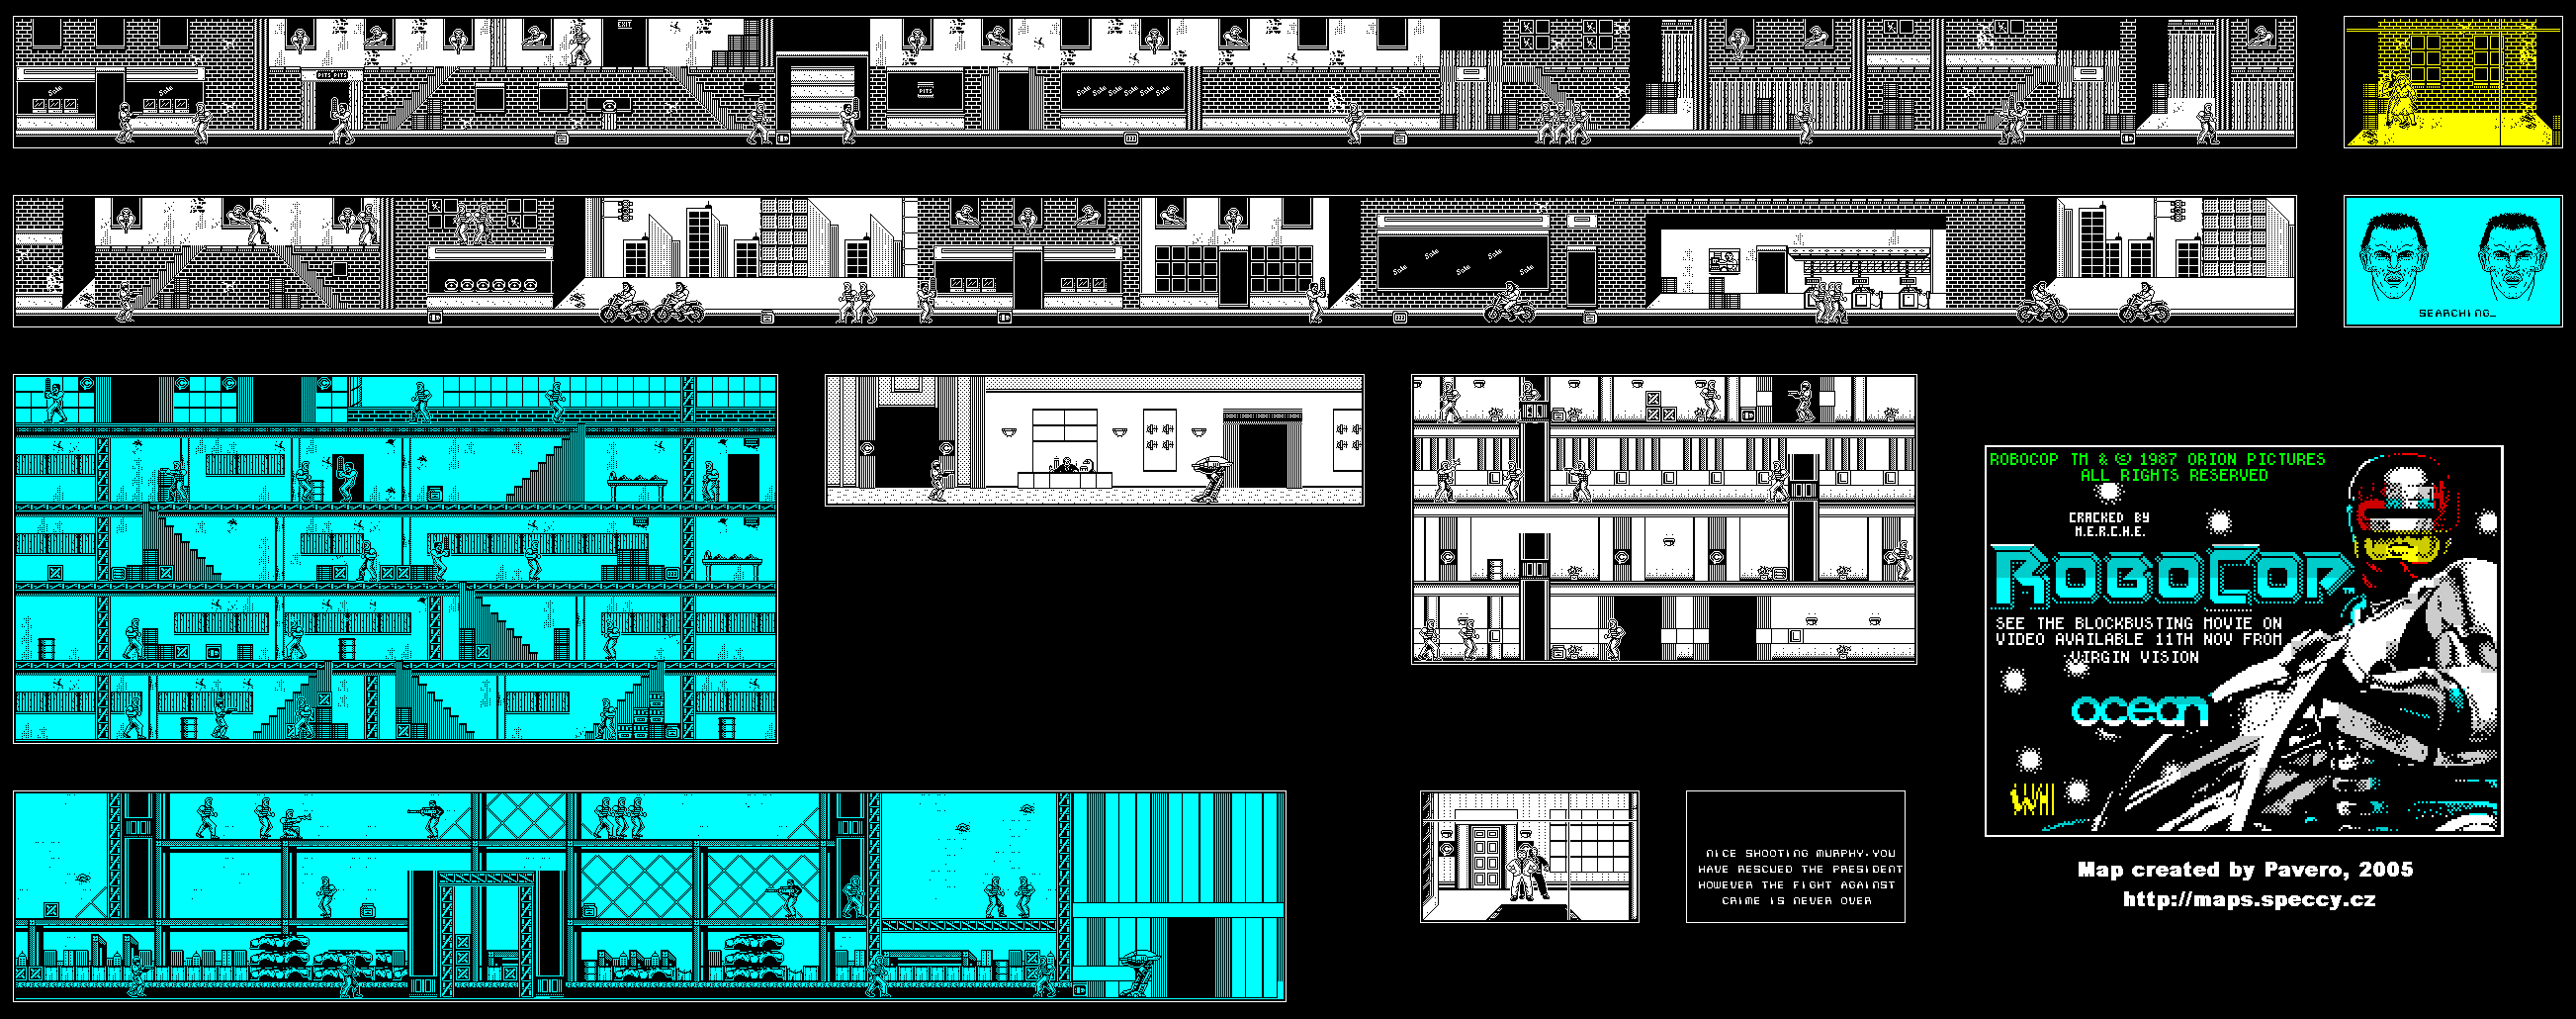 Robocop 1 - The Map